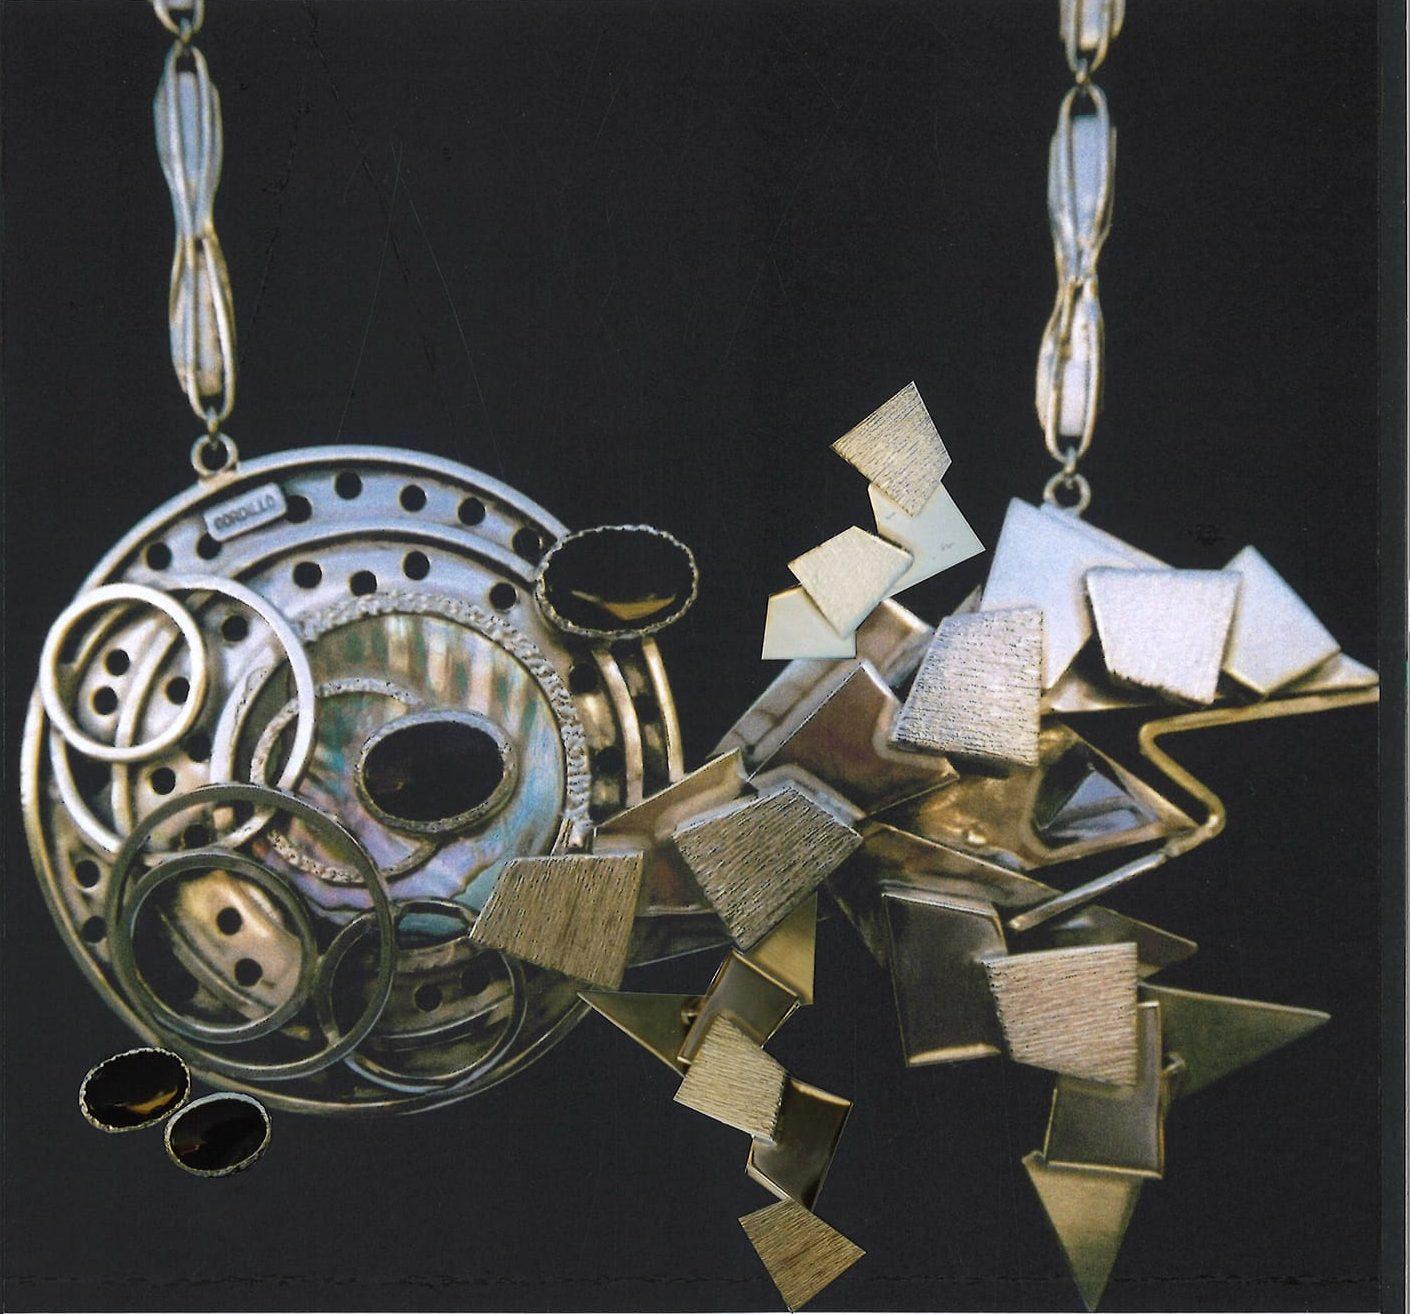 Alberto Gordillo, halssieraad, 1970-1979, zilver, onyx, parelmoer